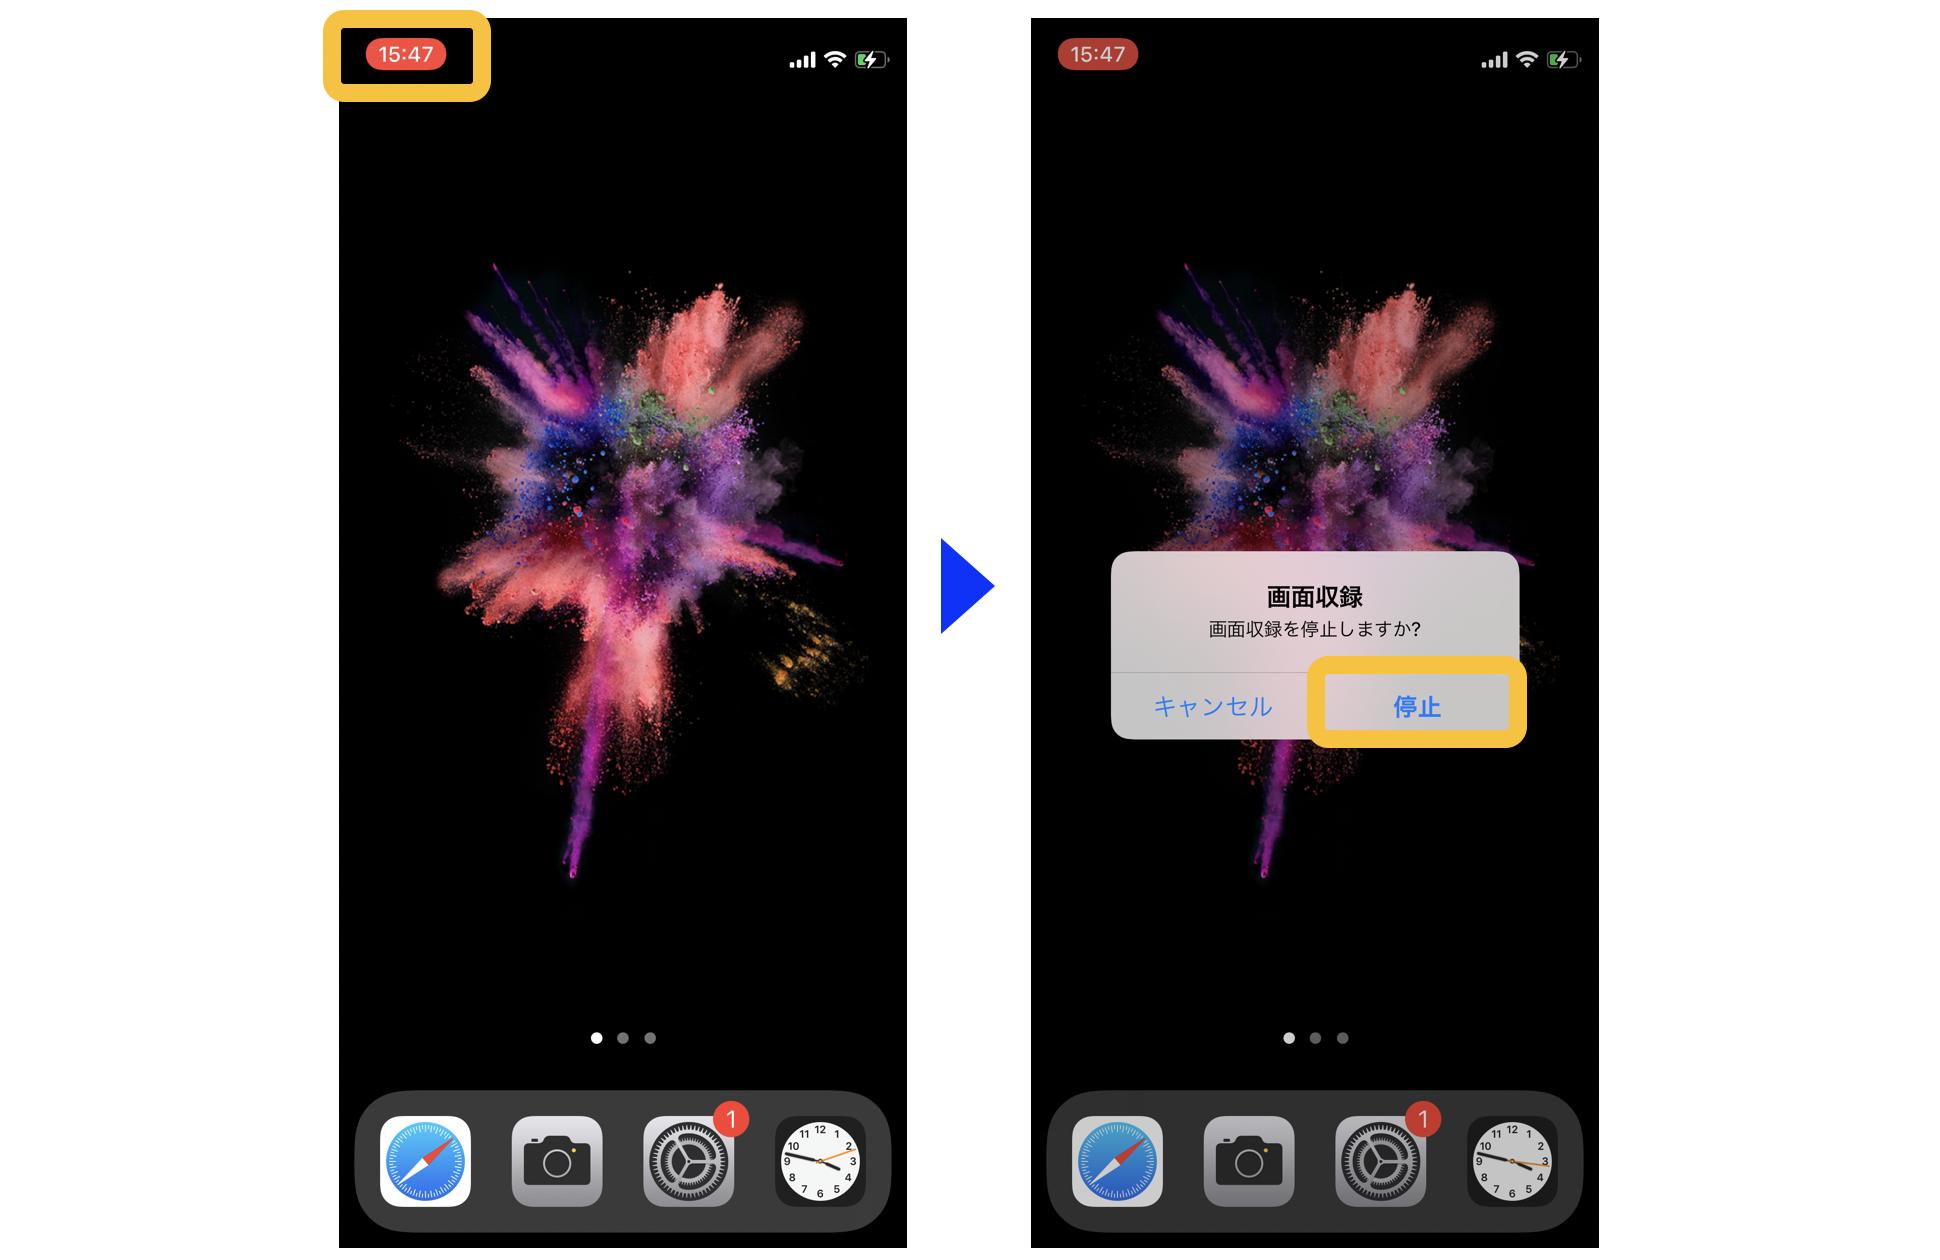 iPhone画面収録の停止方法